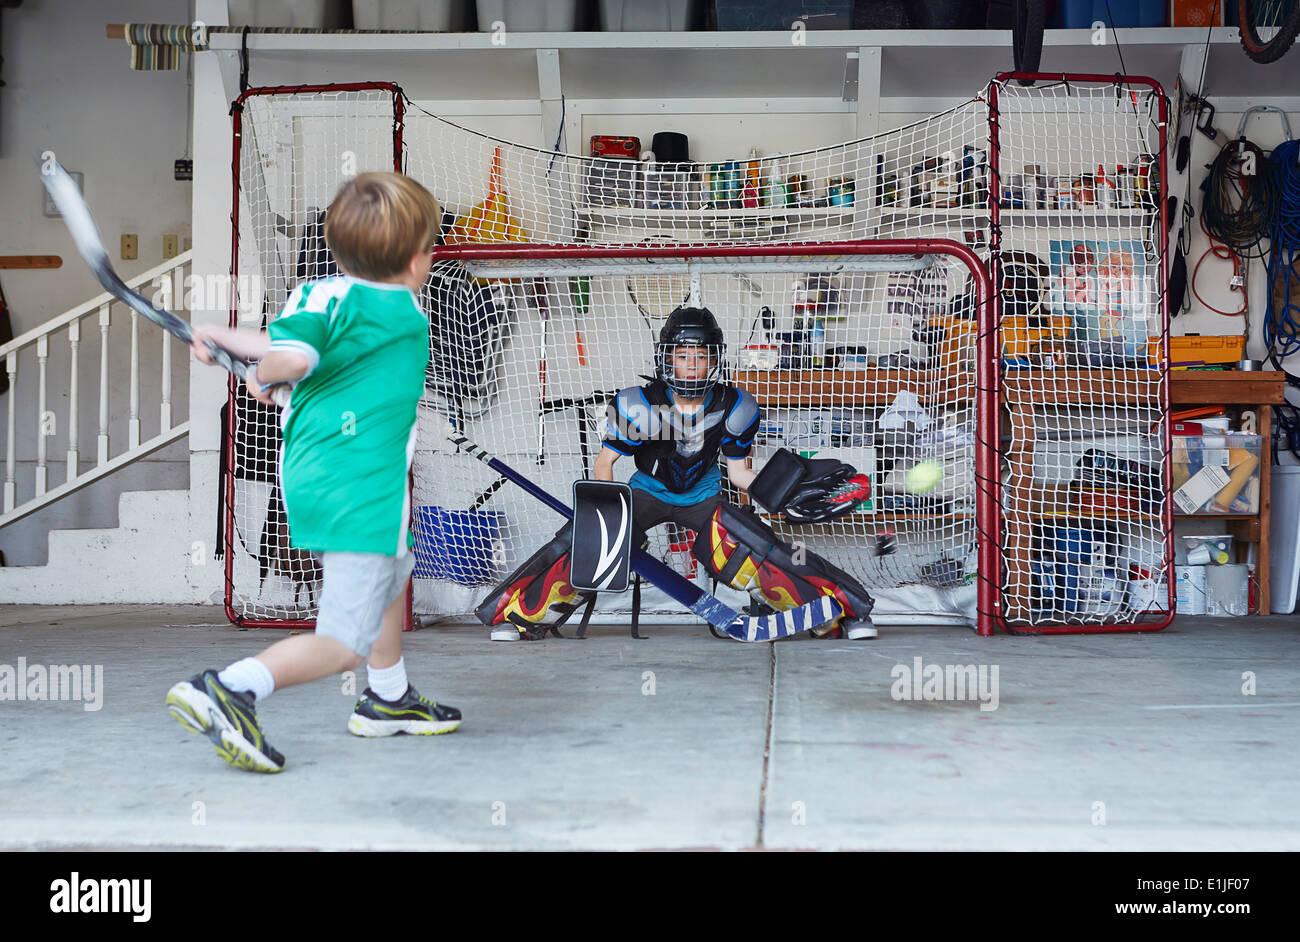 Ragazzi giocare ad hockey in garage Immagini Stock